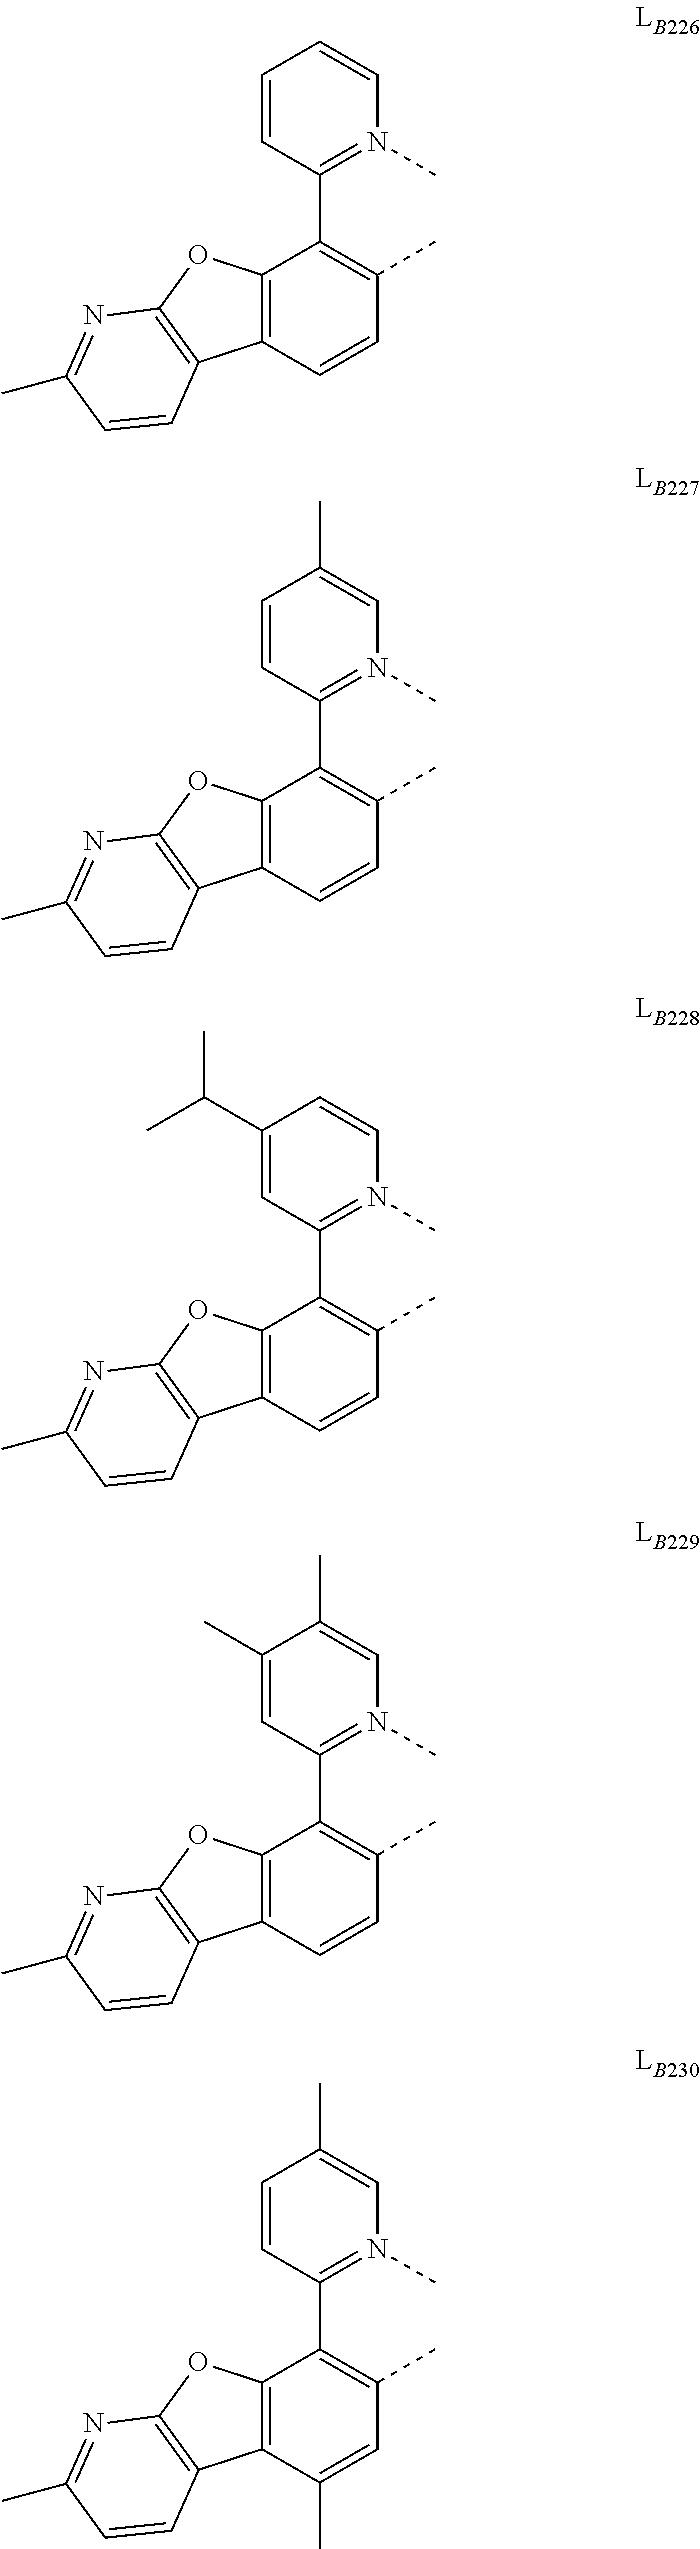 Figure US20180130962A1-20180510-C00306